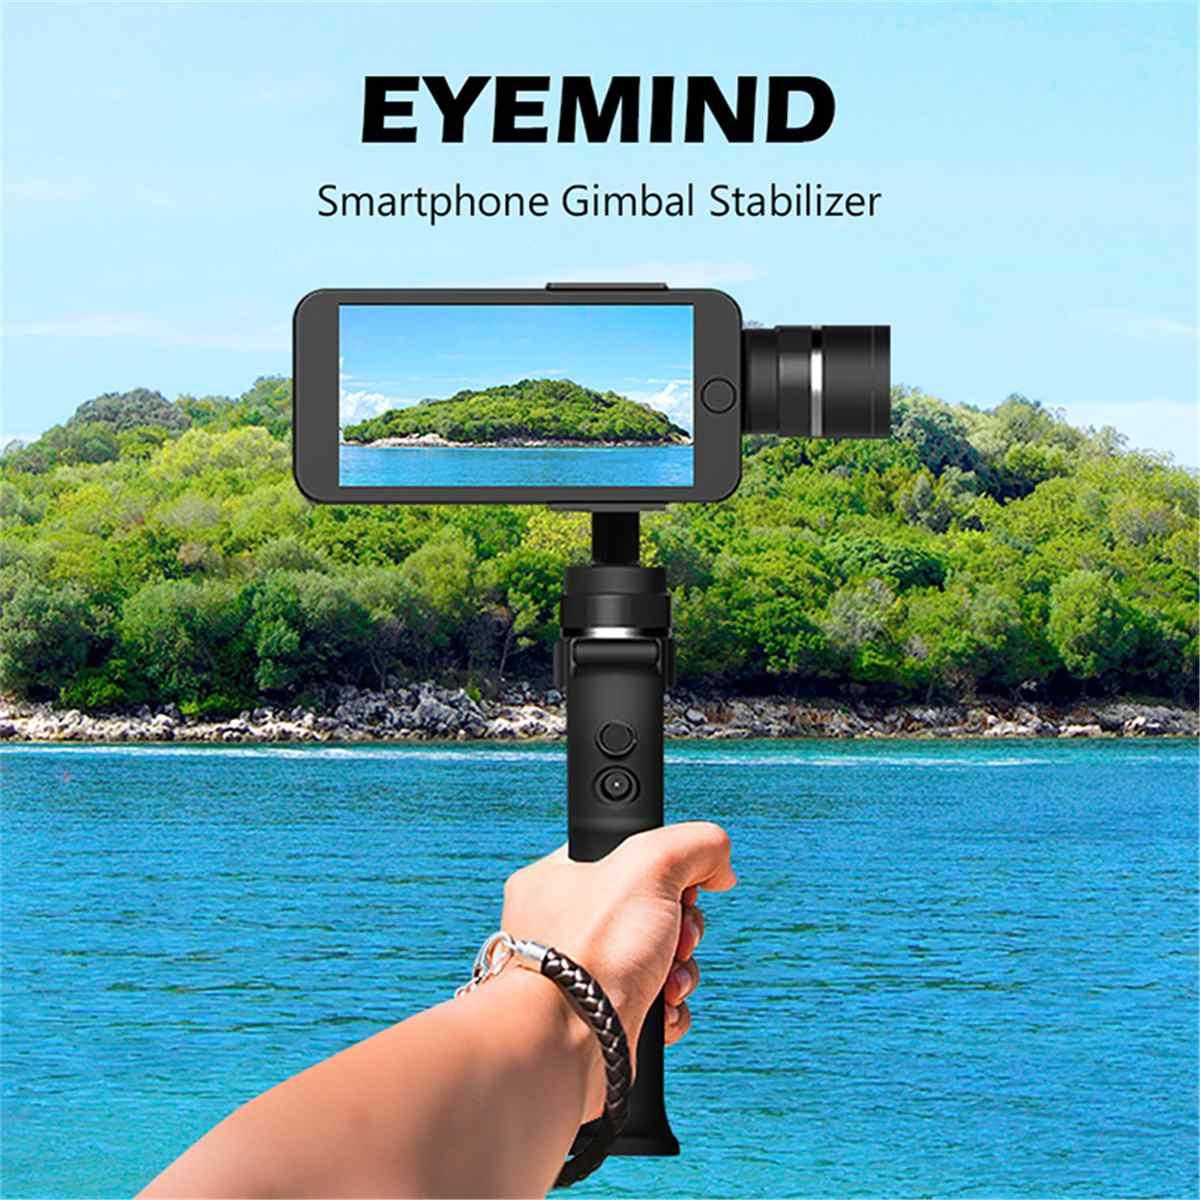 Eyemind 3 محور الدوران الذكية ذكي بلوتوث التطبيق يده مثبت أفقي الوجه تتبع وظيفة ل هاتف مزود بكاميرا طائرة بدون طيار FPV-في قطع غيار وملحقات من الألعاب والهوايات على  مجموعة 2